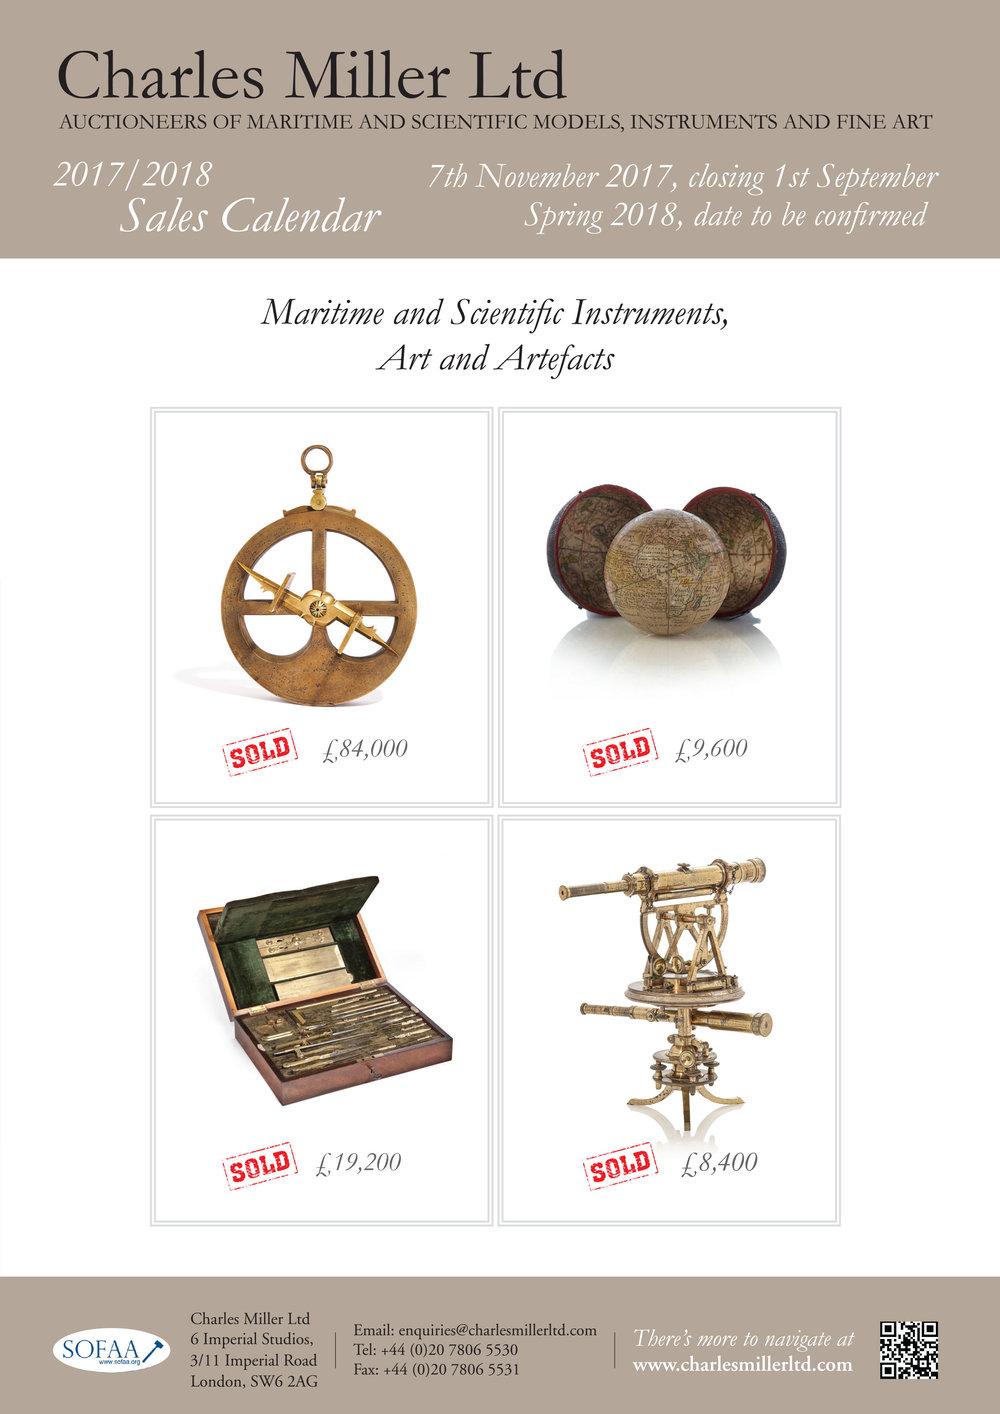 Visit Charles Miller Ltd